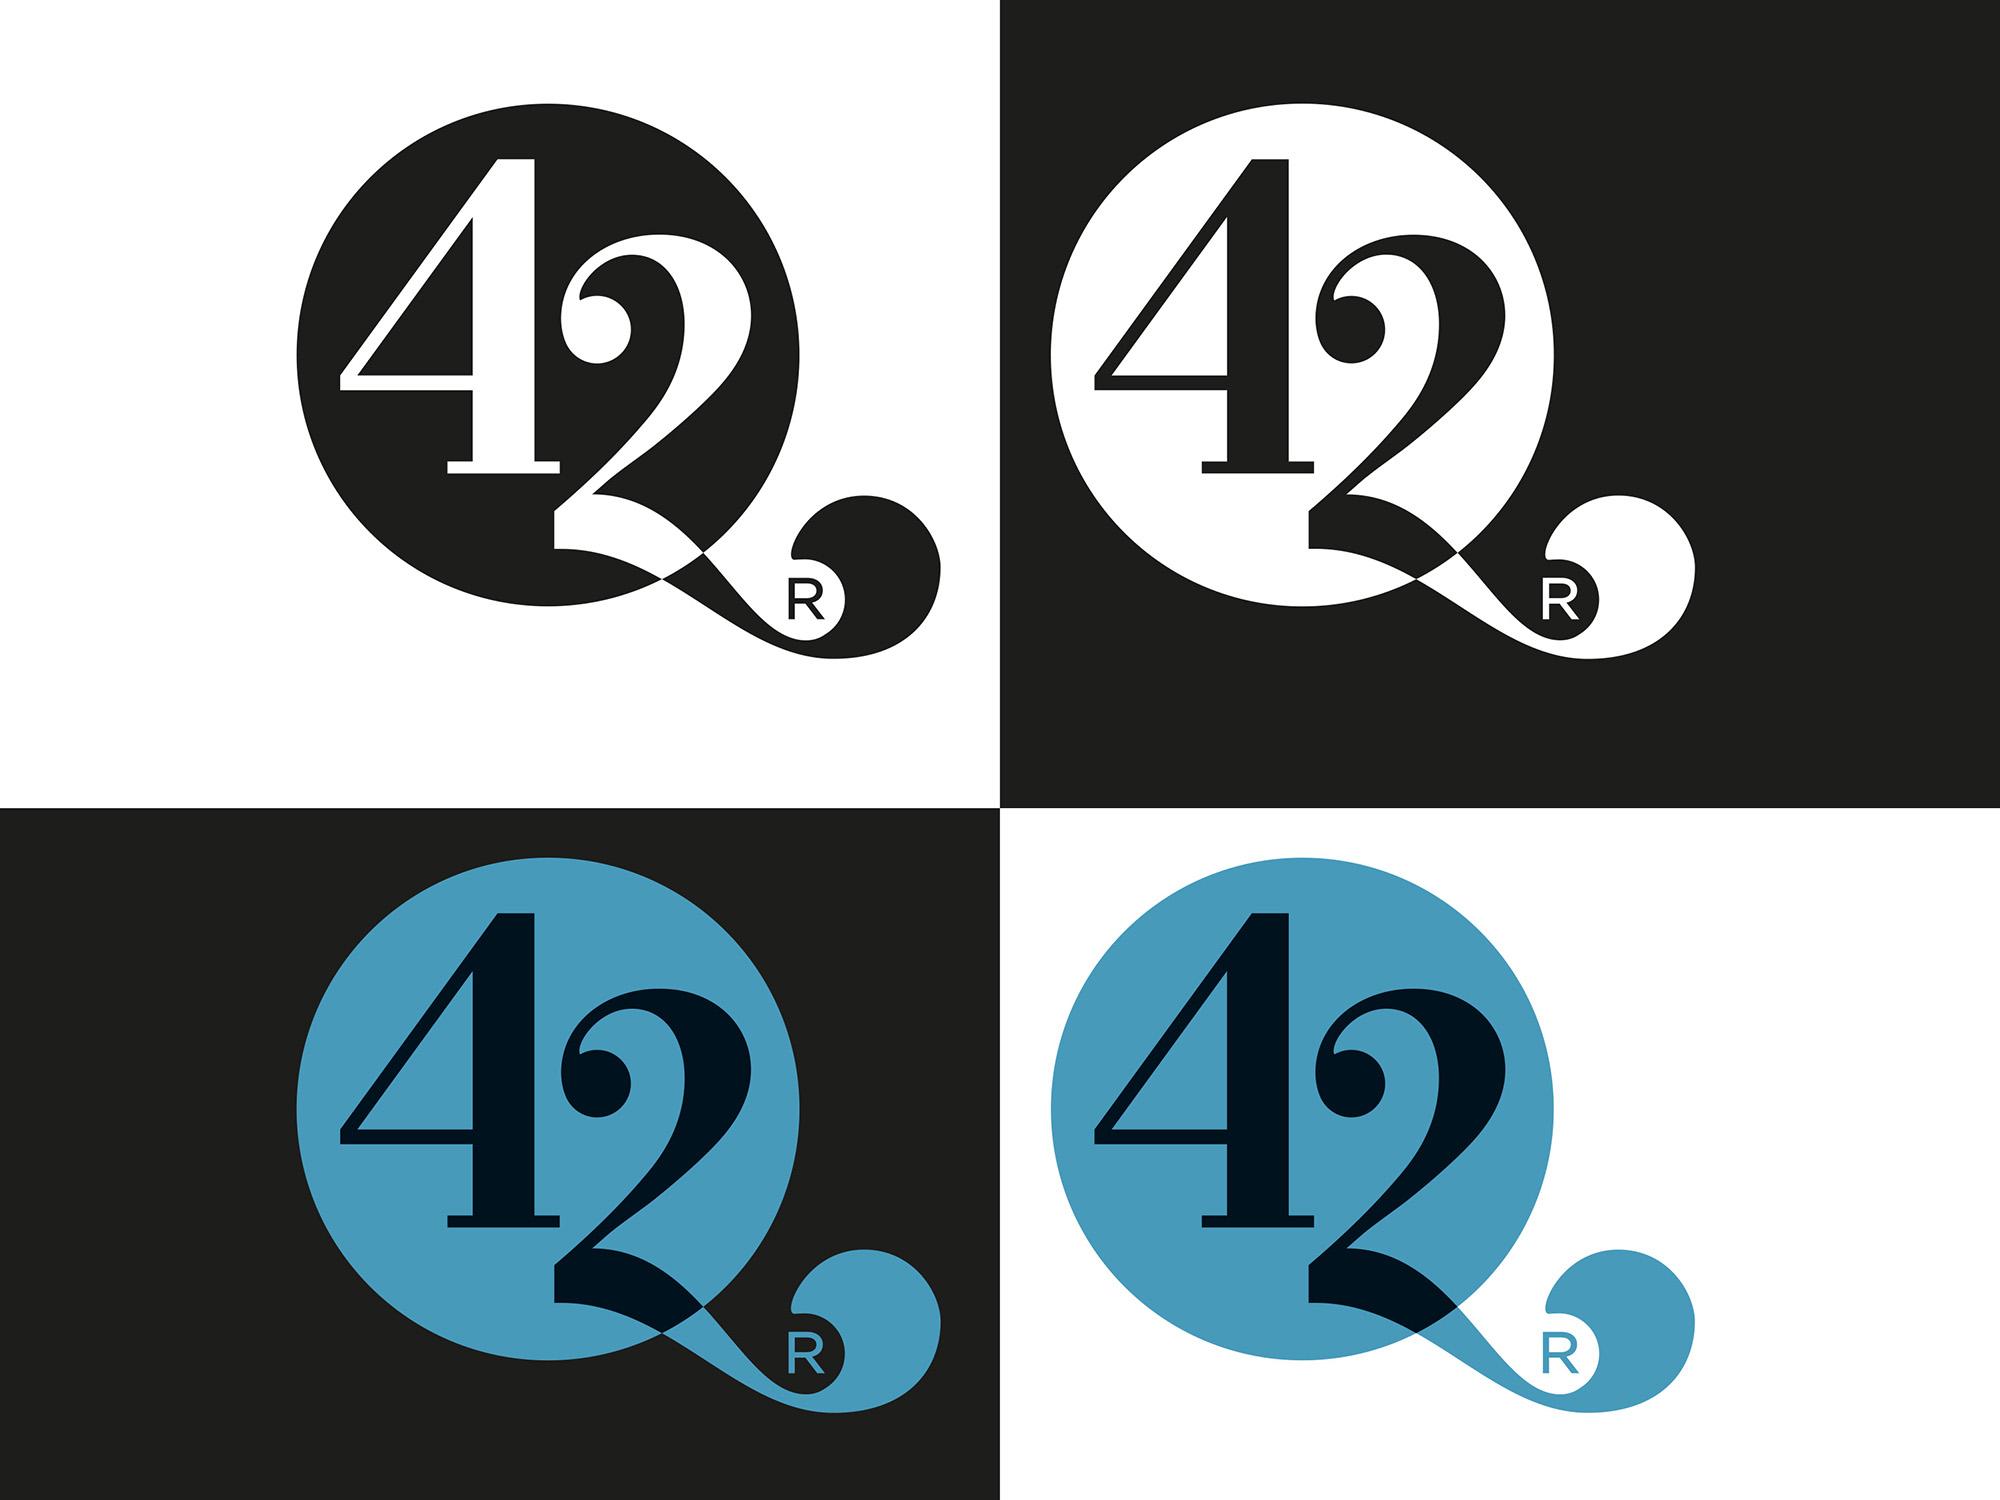 42 srl